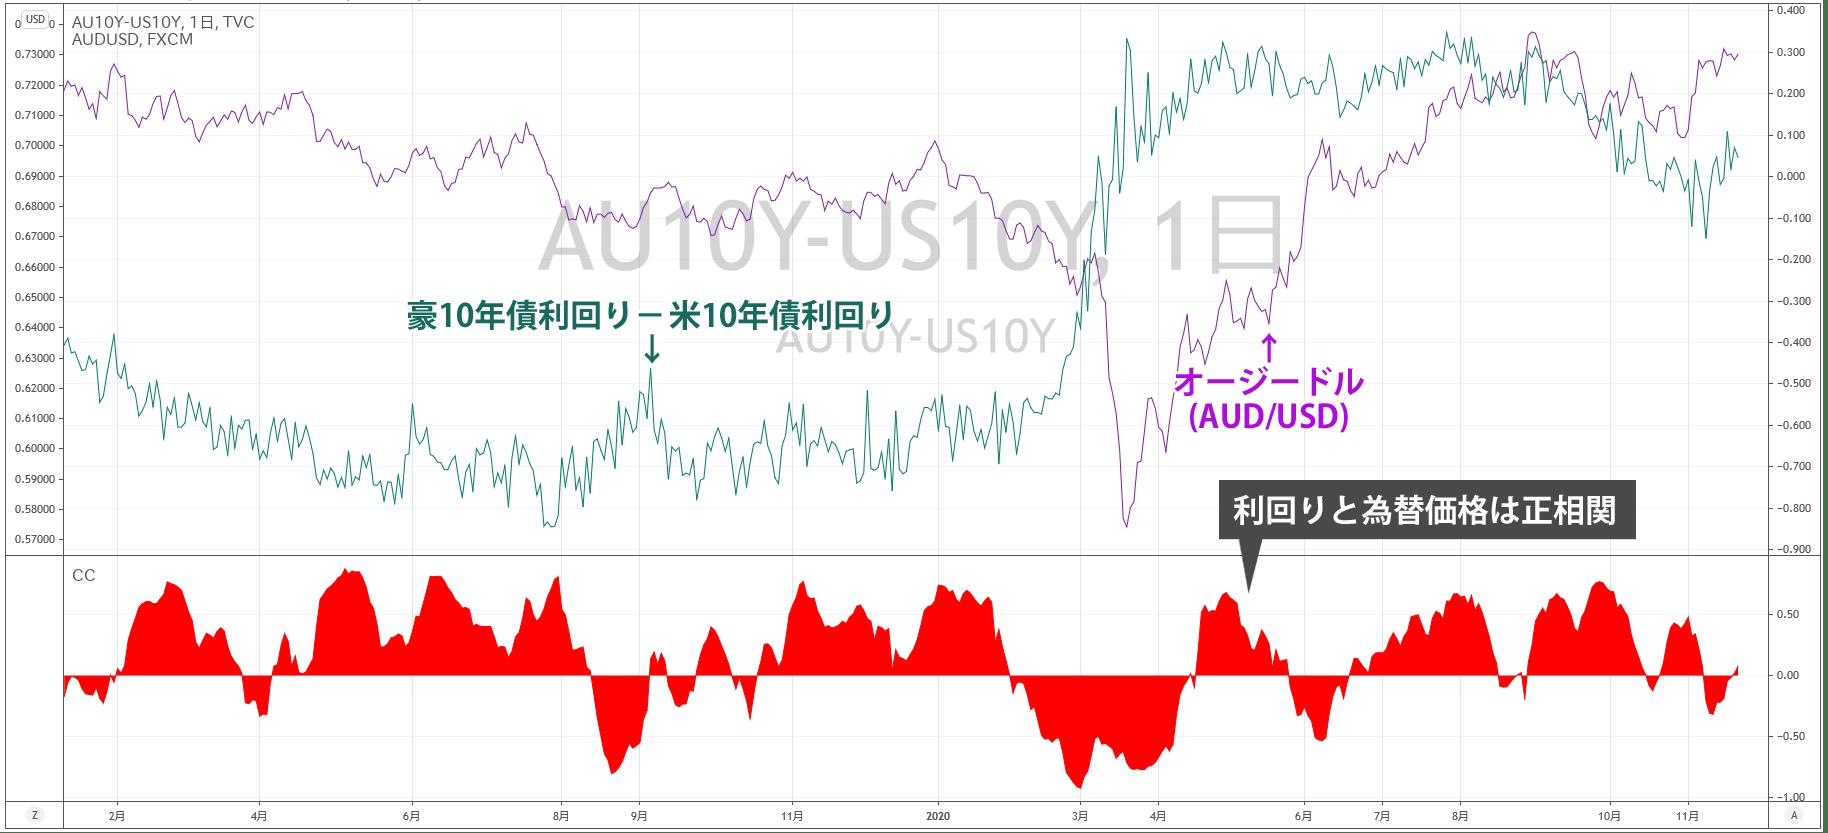 オージードルの為替レートと金利の関係